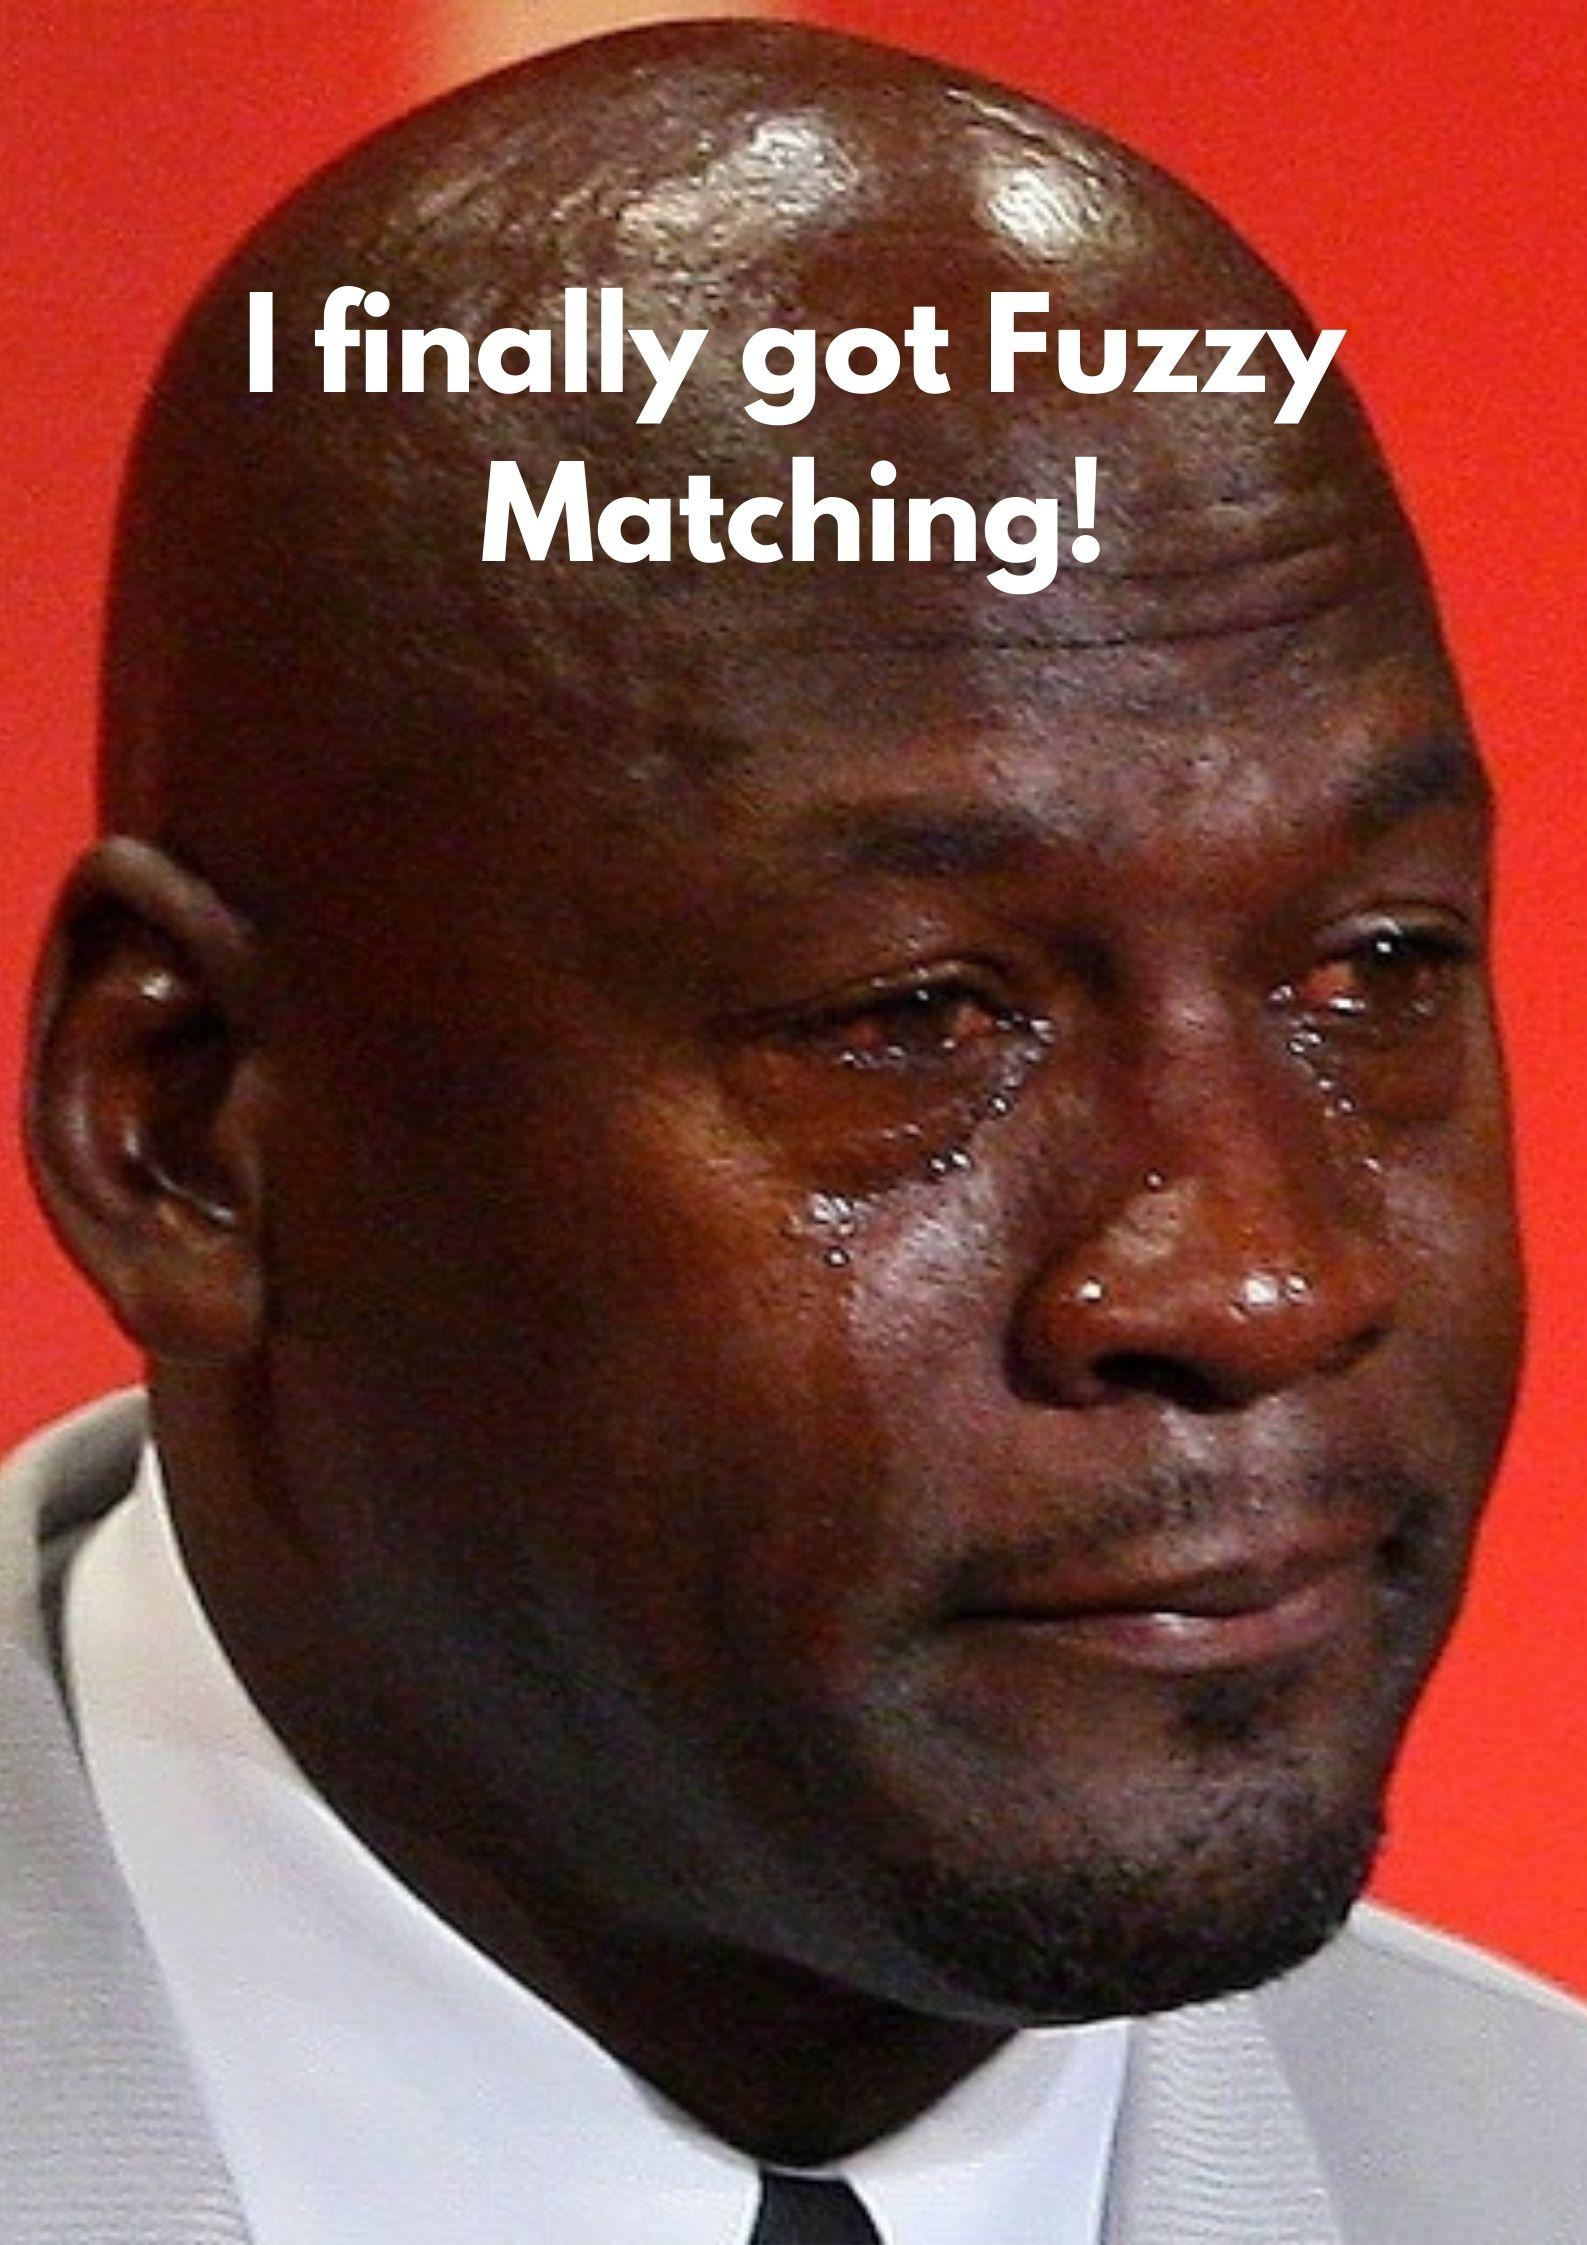 fuzzy_matching